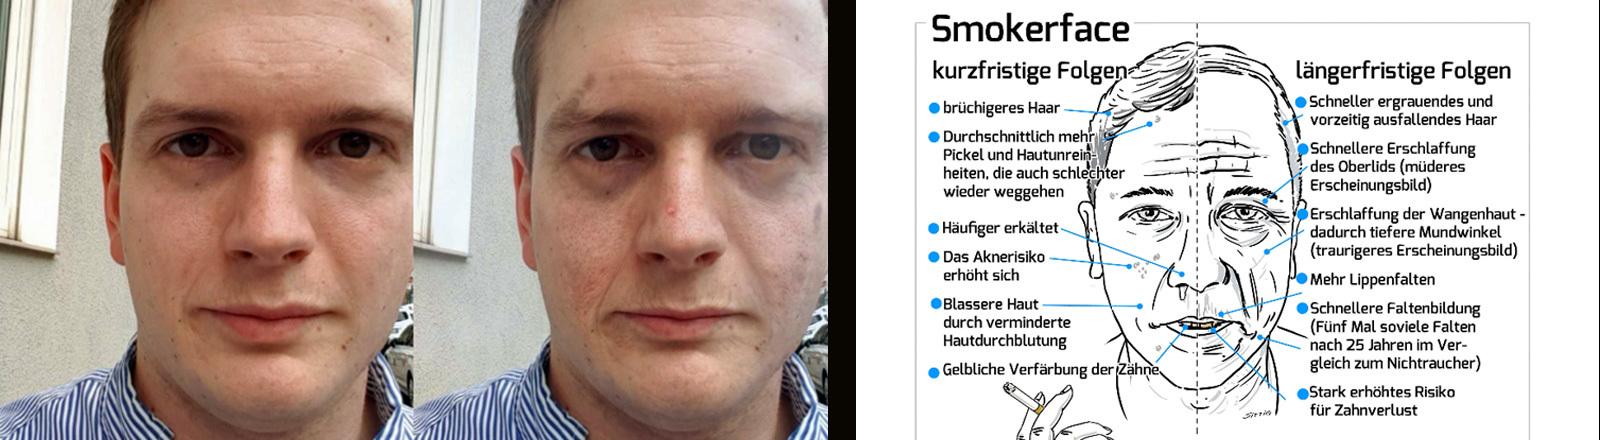 Zu sehen ist Titus Brinker, der Erfinder der App Smokerface, die anzeigt, wie man nach mehreren Jahren Rauchen aussieht.